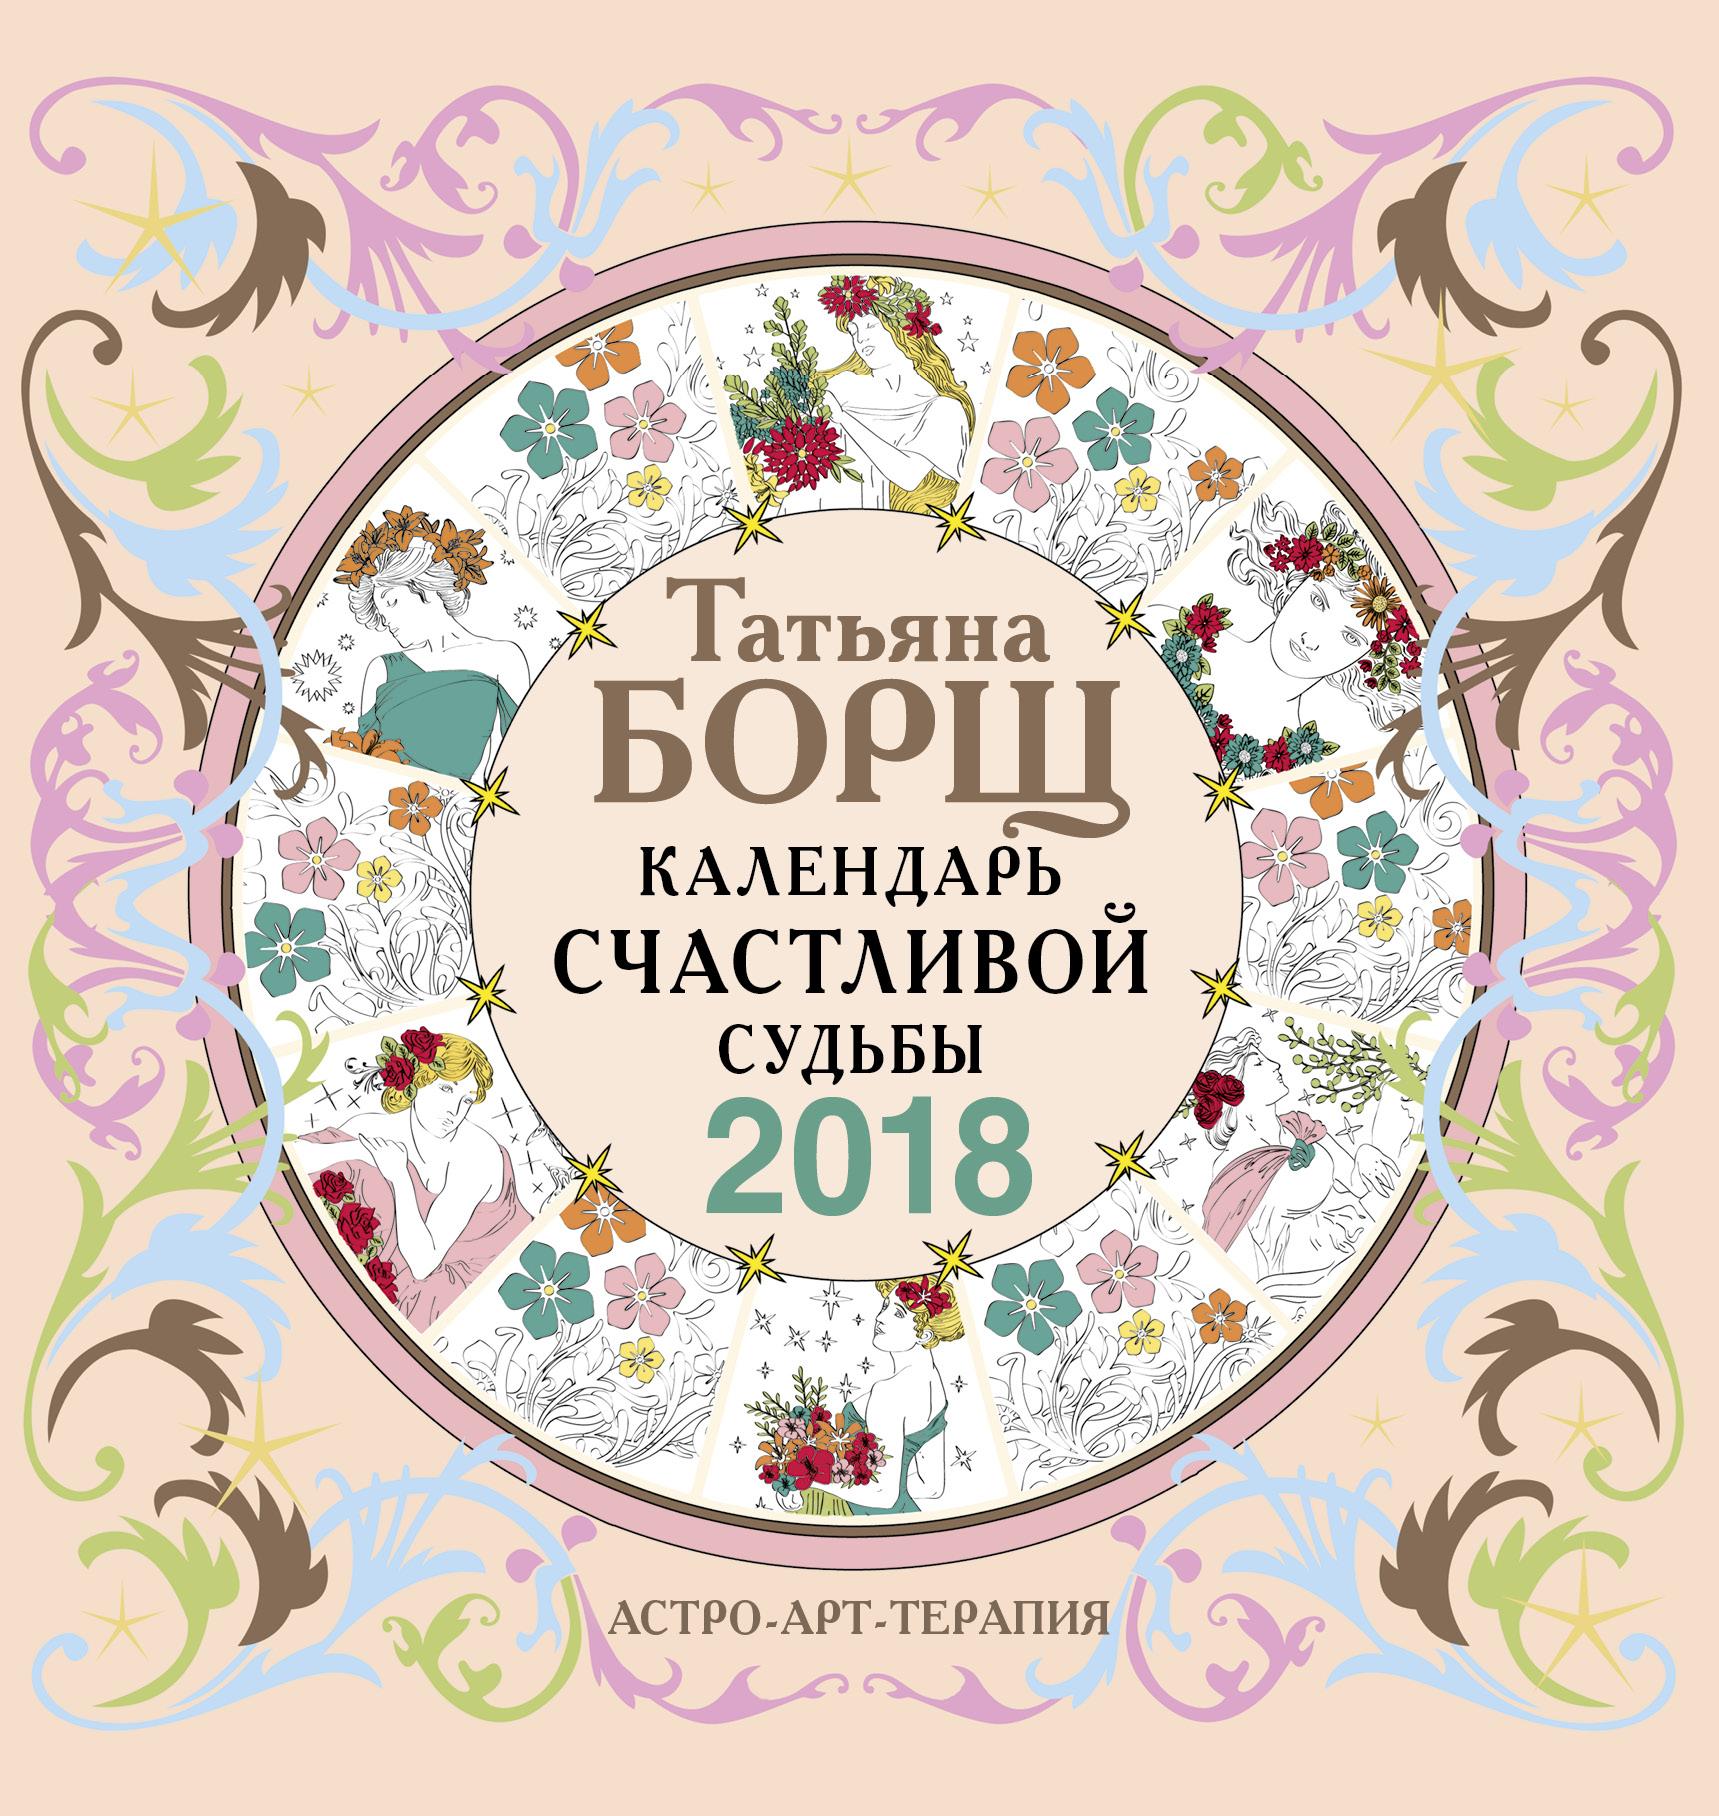 Борщ Т., Ежова А.Н. Календарь счастливой судьбы с заданиями на 2018 год